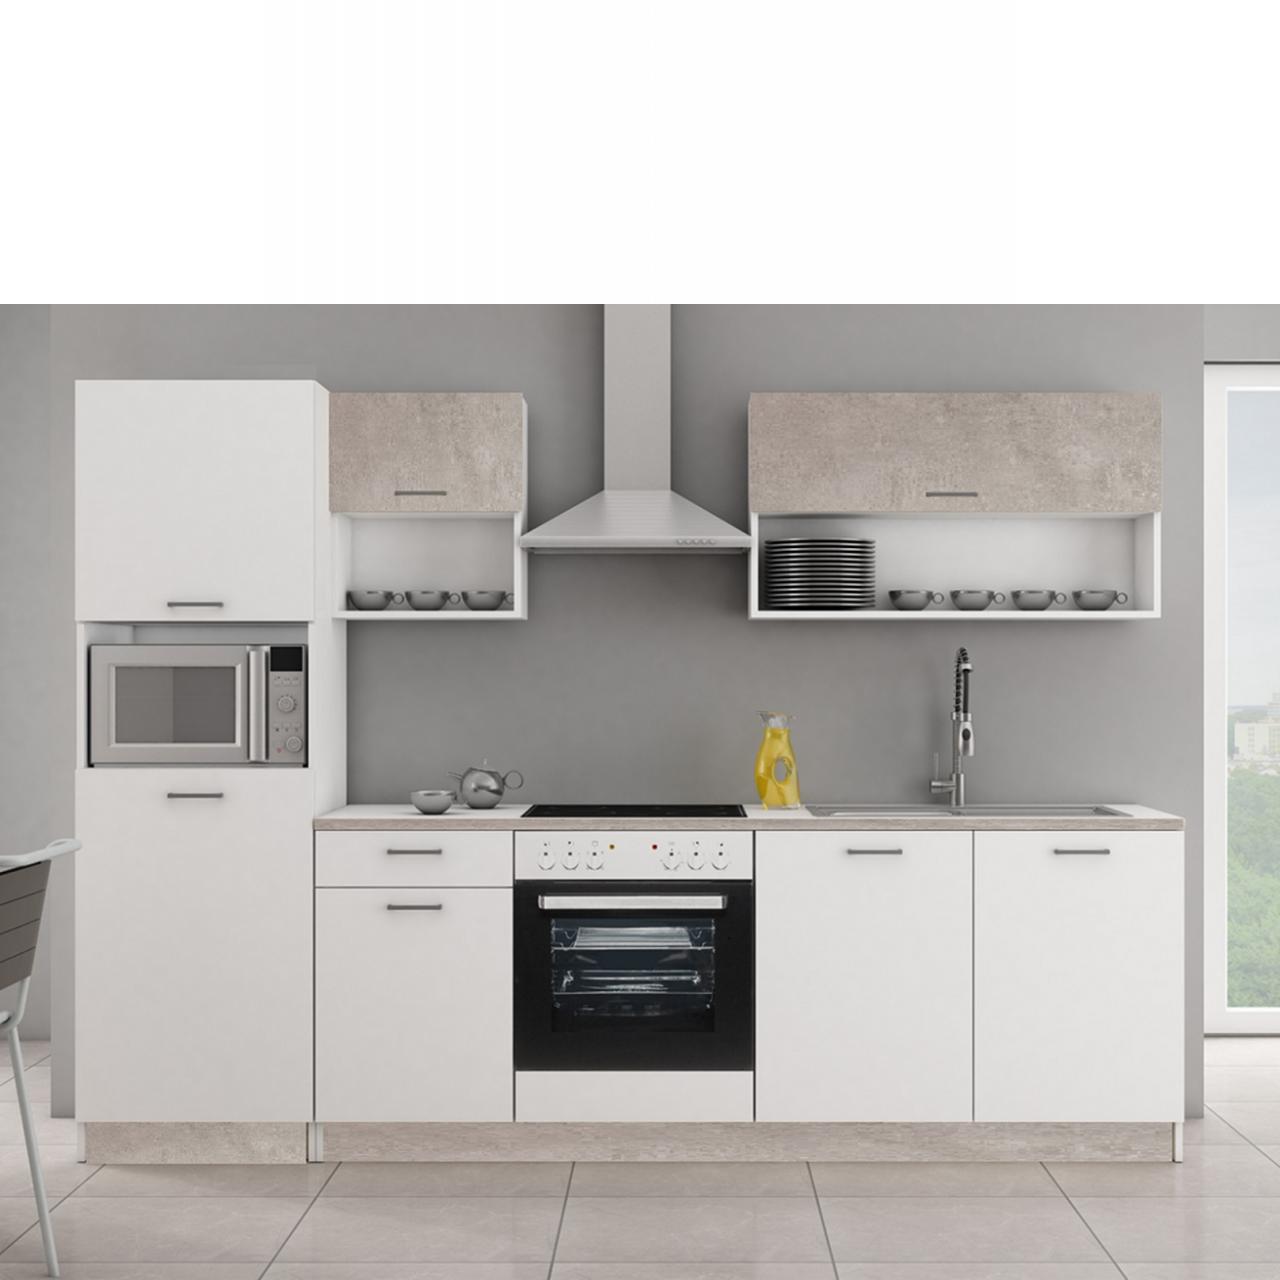 Küche Mika 2 Betonoptik Matt Weiß Matt Küchenzeile Küchenblock Single-Küche